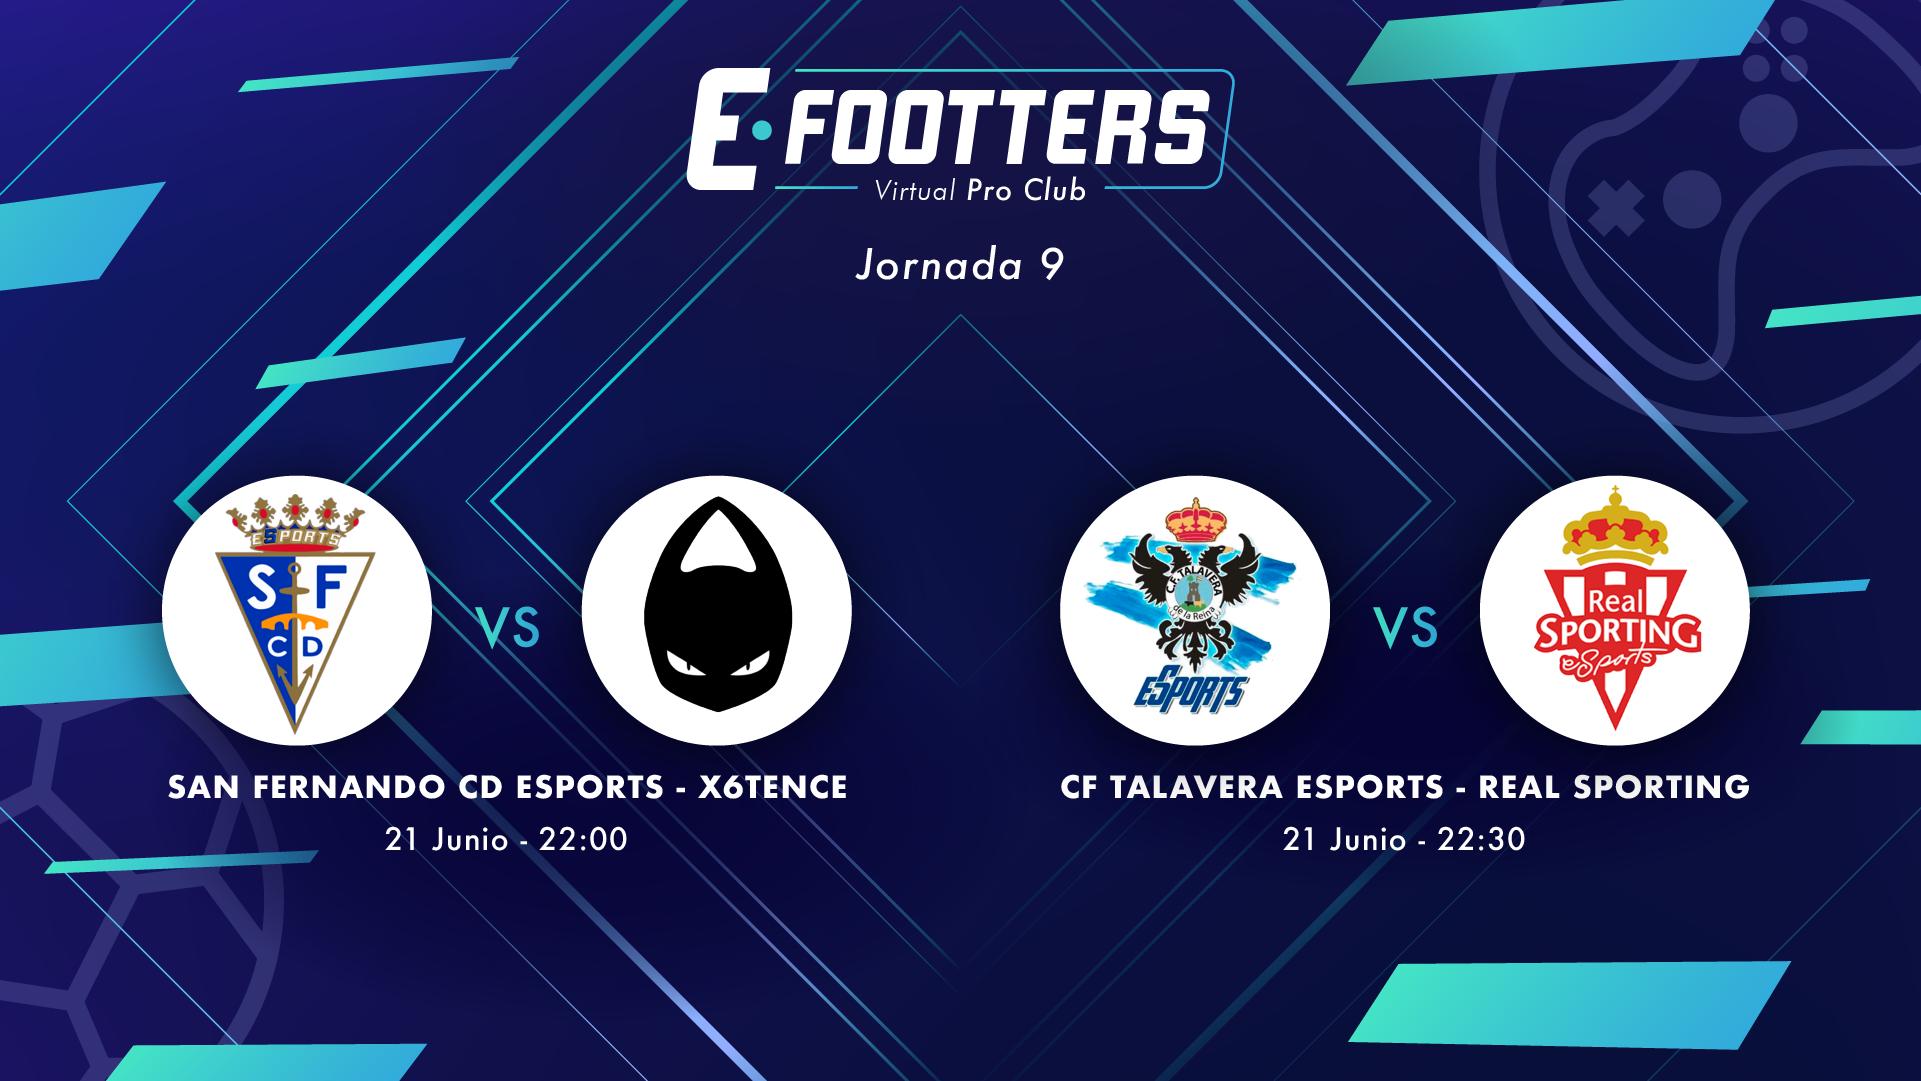 San Fernando - x6tence y Talavera - Sporting, partidos de la jornada 9